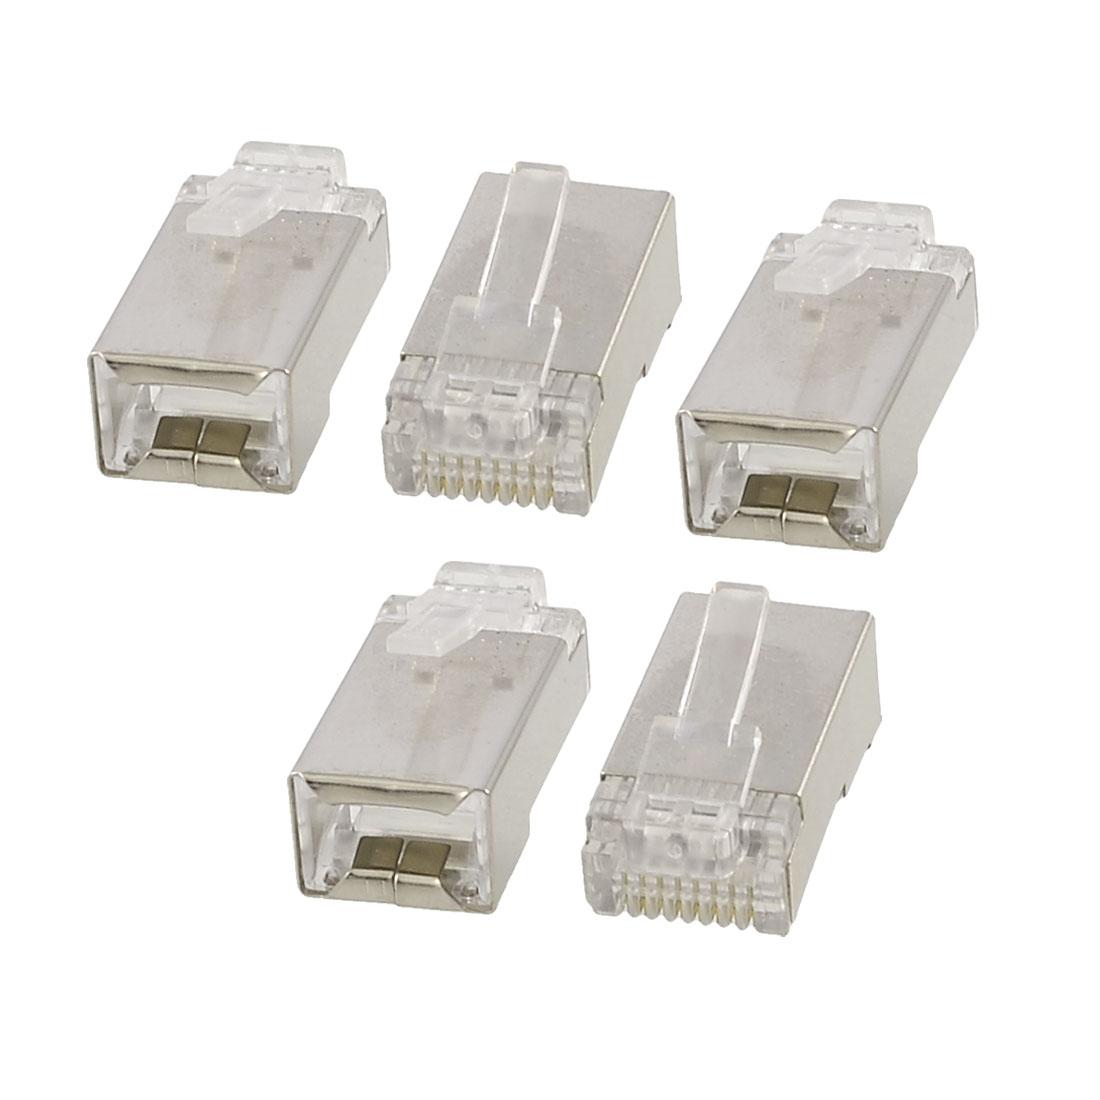 Unique Bargains 5 Pcs 8P8C RJ45 Shielded Ethernet Network Cable Line Head Plugs Jacks